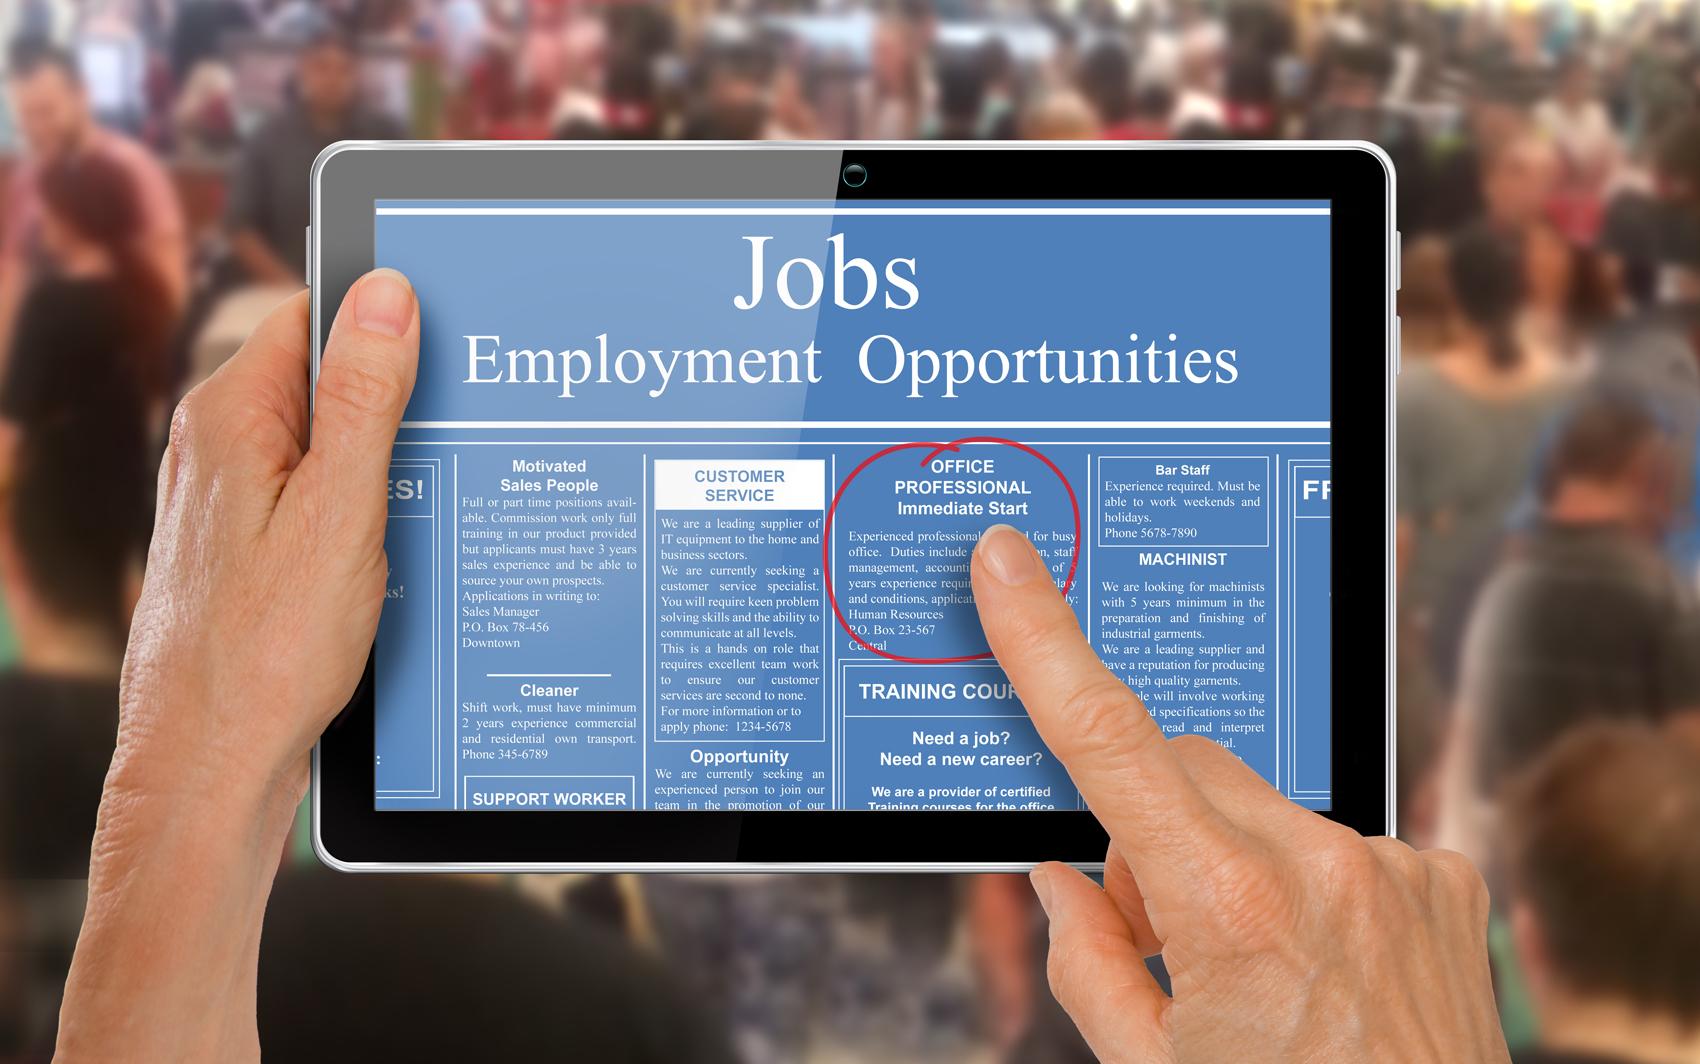 job hunt based on the education